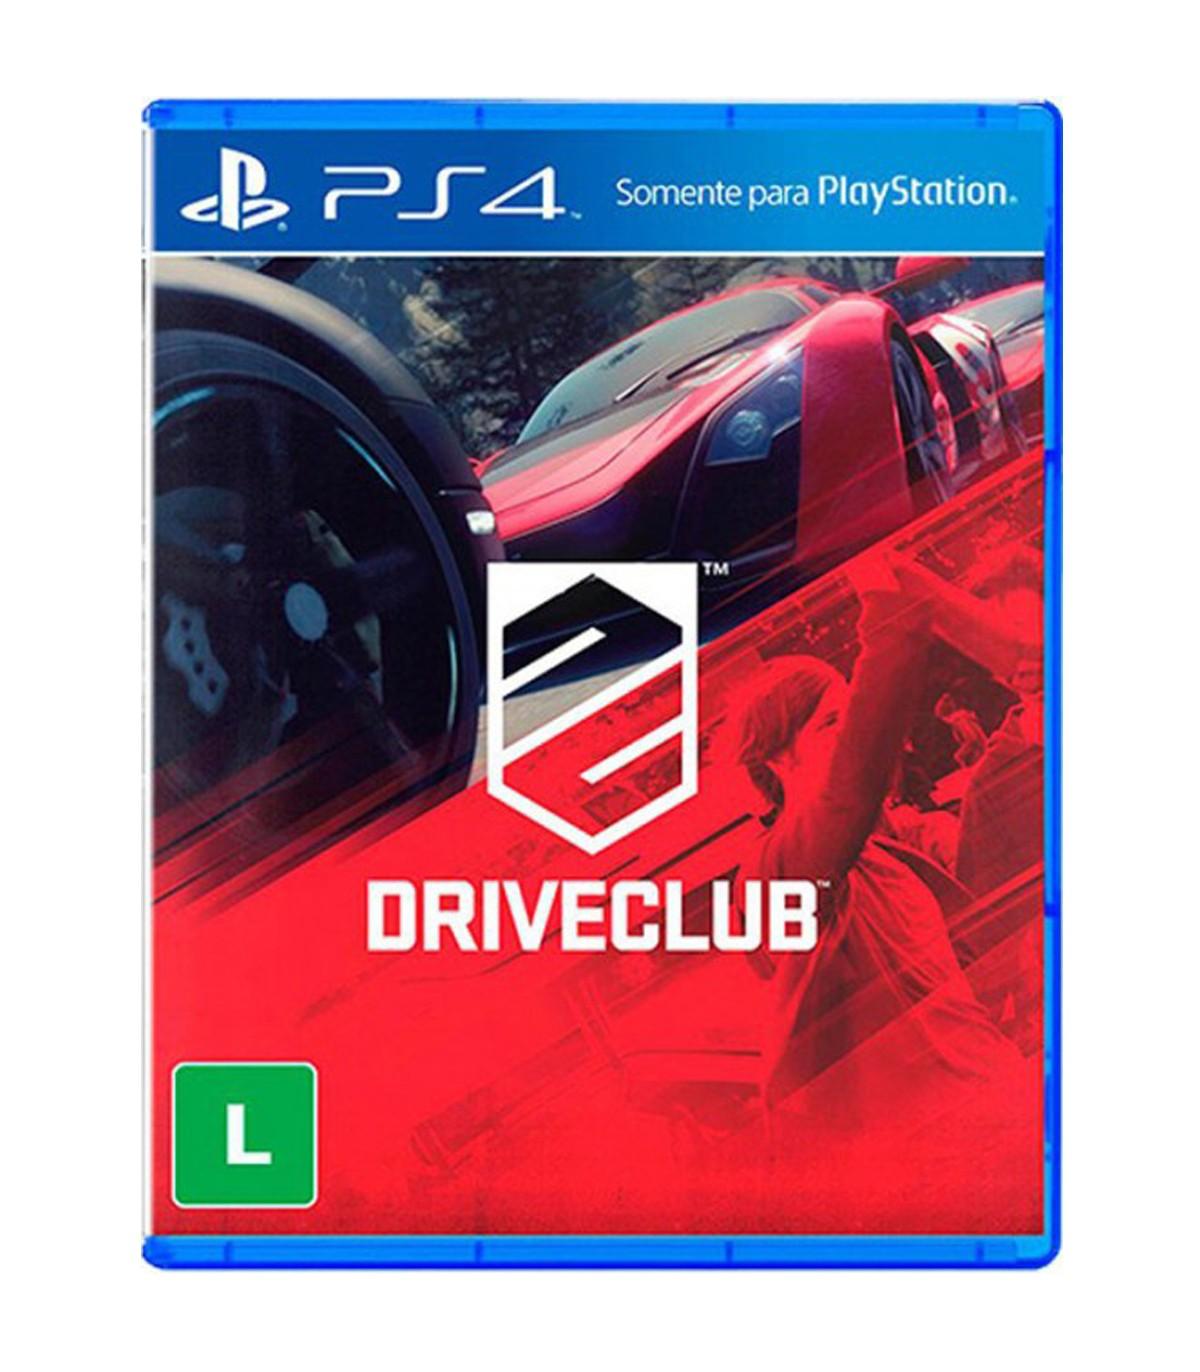 بازی Drive Club کارکرده - پلی استیشن 4